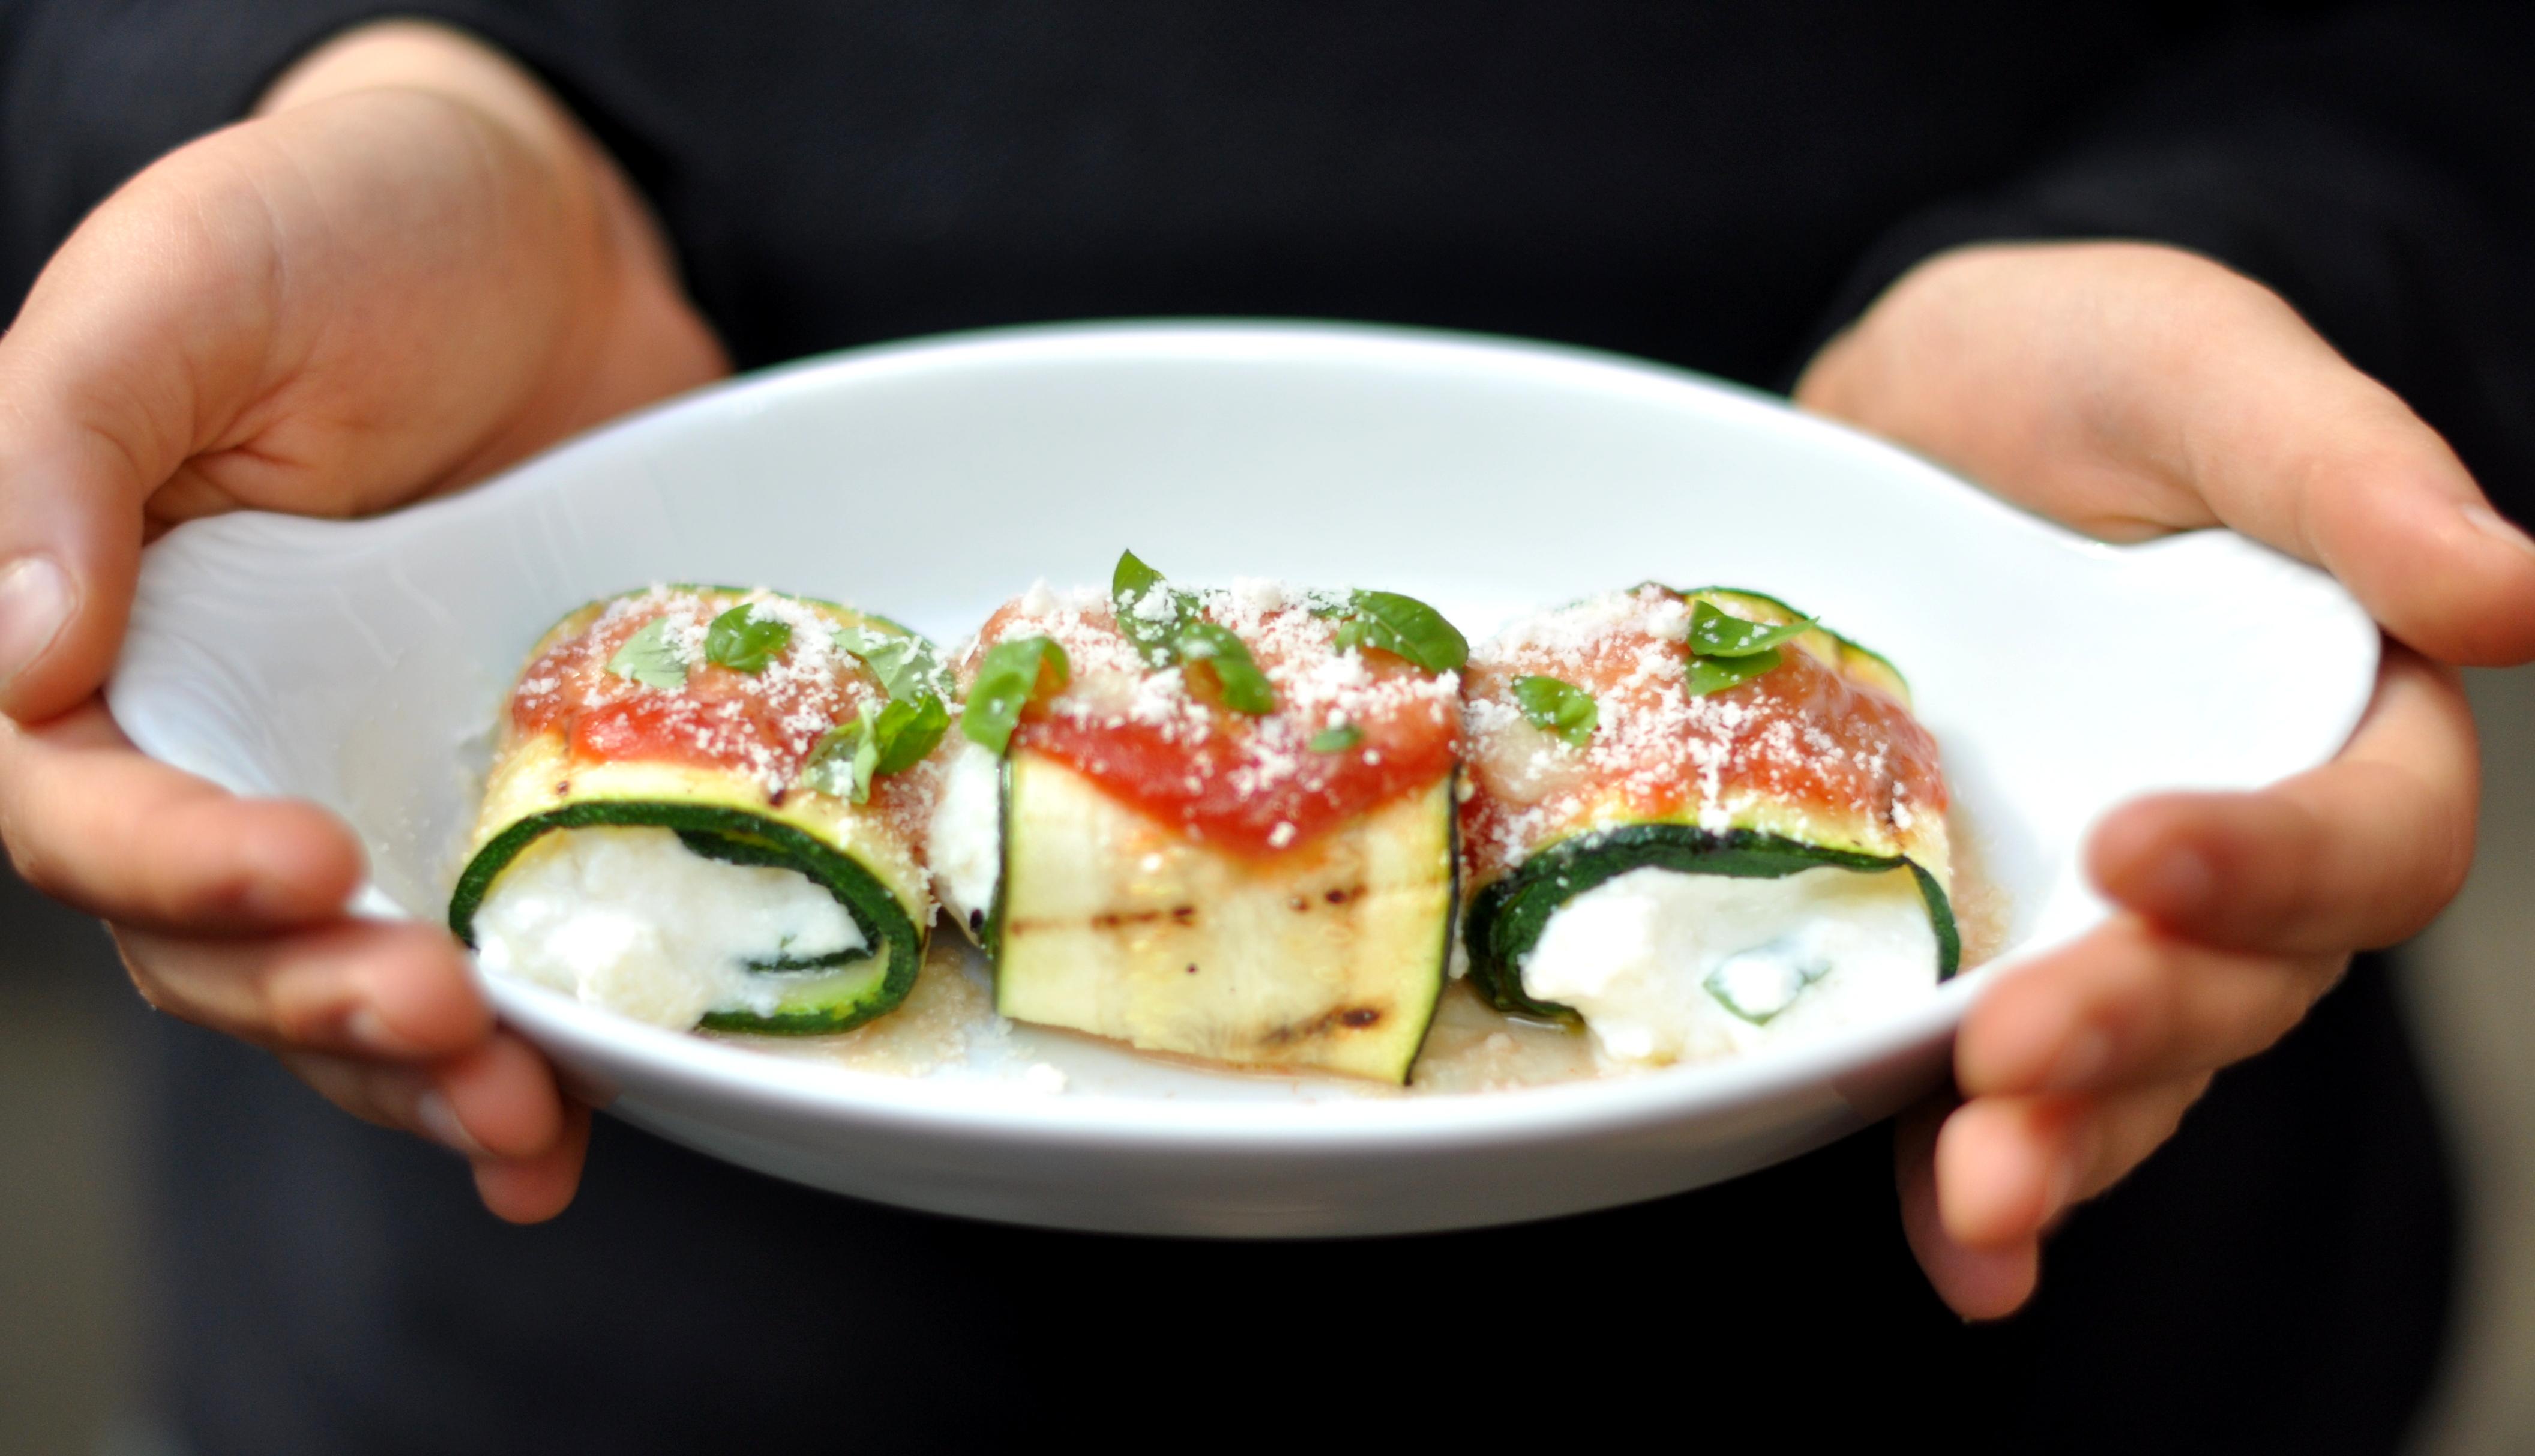 Lasagna zucchini rolls